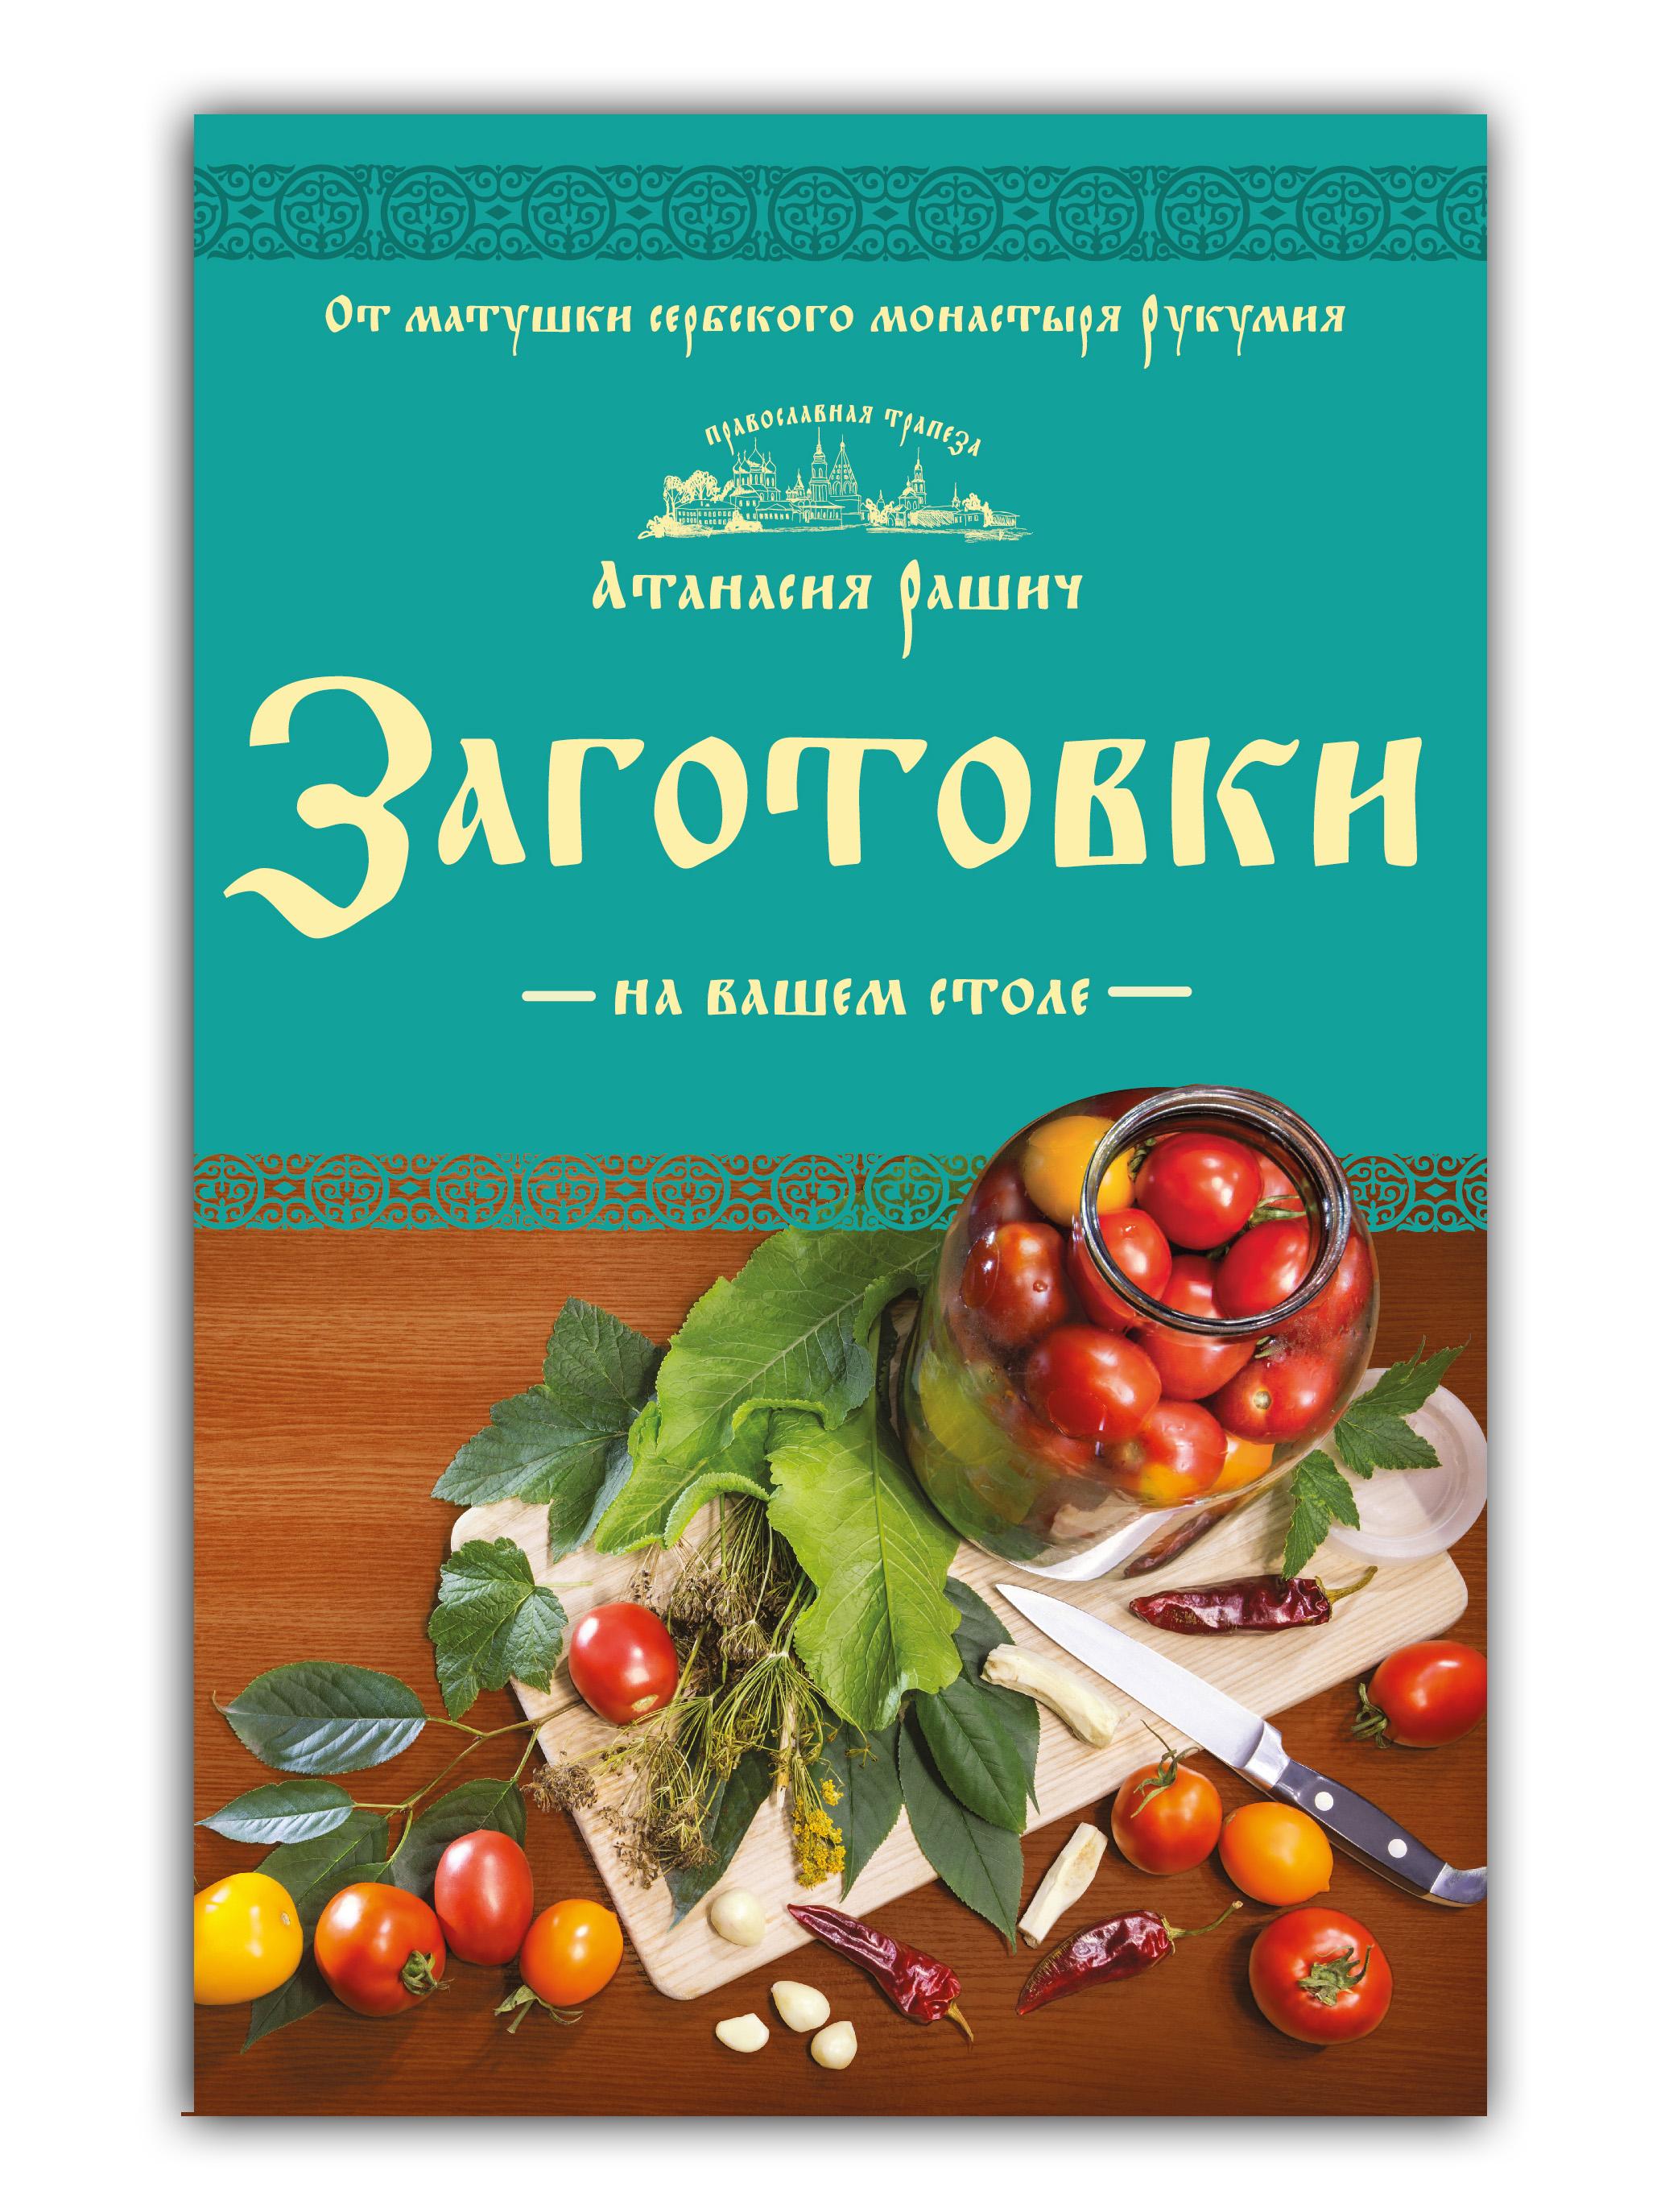 Рашич А. Заготовки на вашем столе ольхов олег рыба морепродукты на вашем столе салаты закуски супы второе